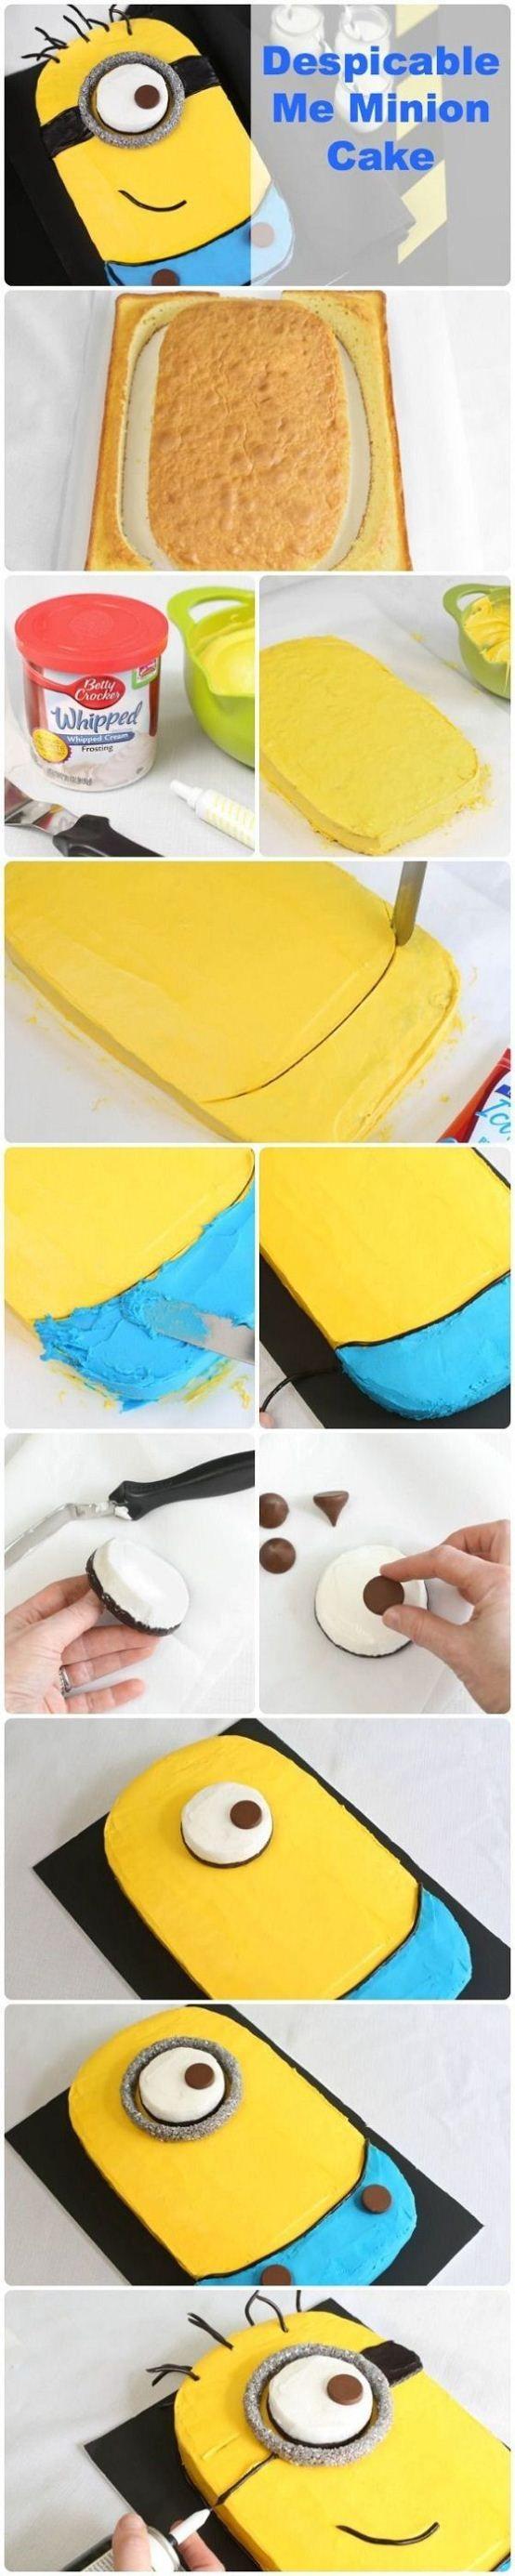 Despicable Me Minion Cake...how cool! Adorei   Sarah Bulk